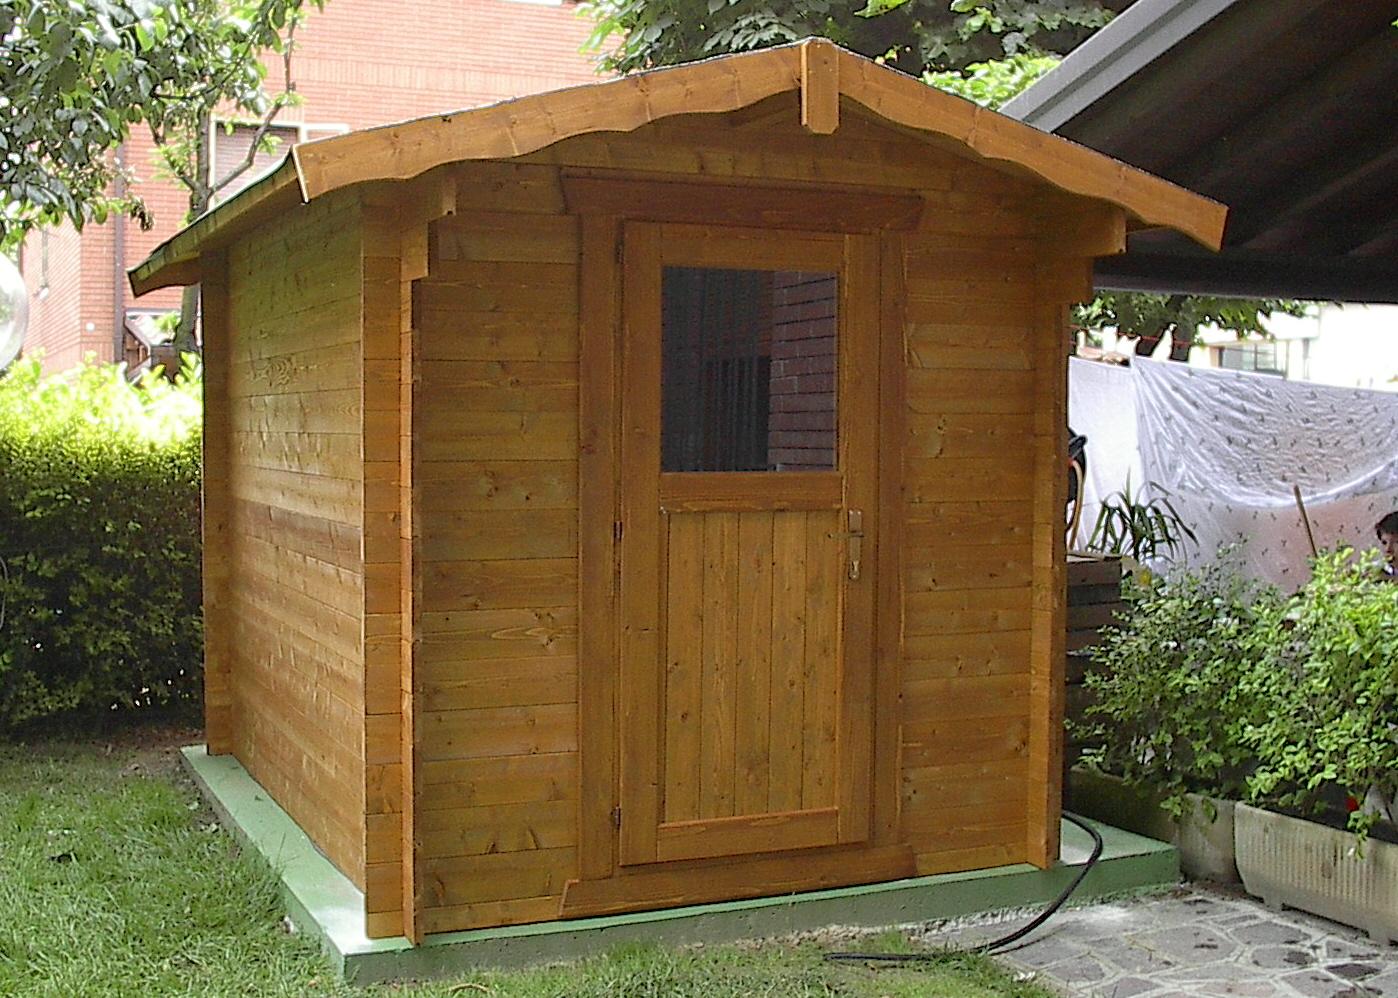 strutture coperte in legno - GEA Fun Specialist - Attrezzature per parchi giochi esterni ed interni